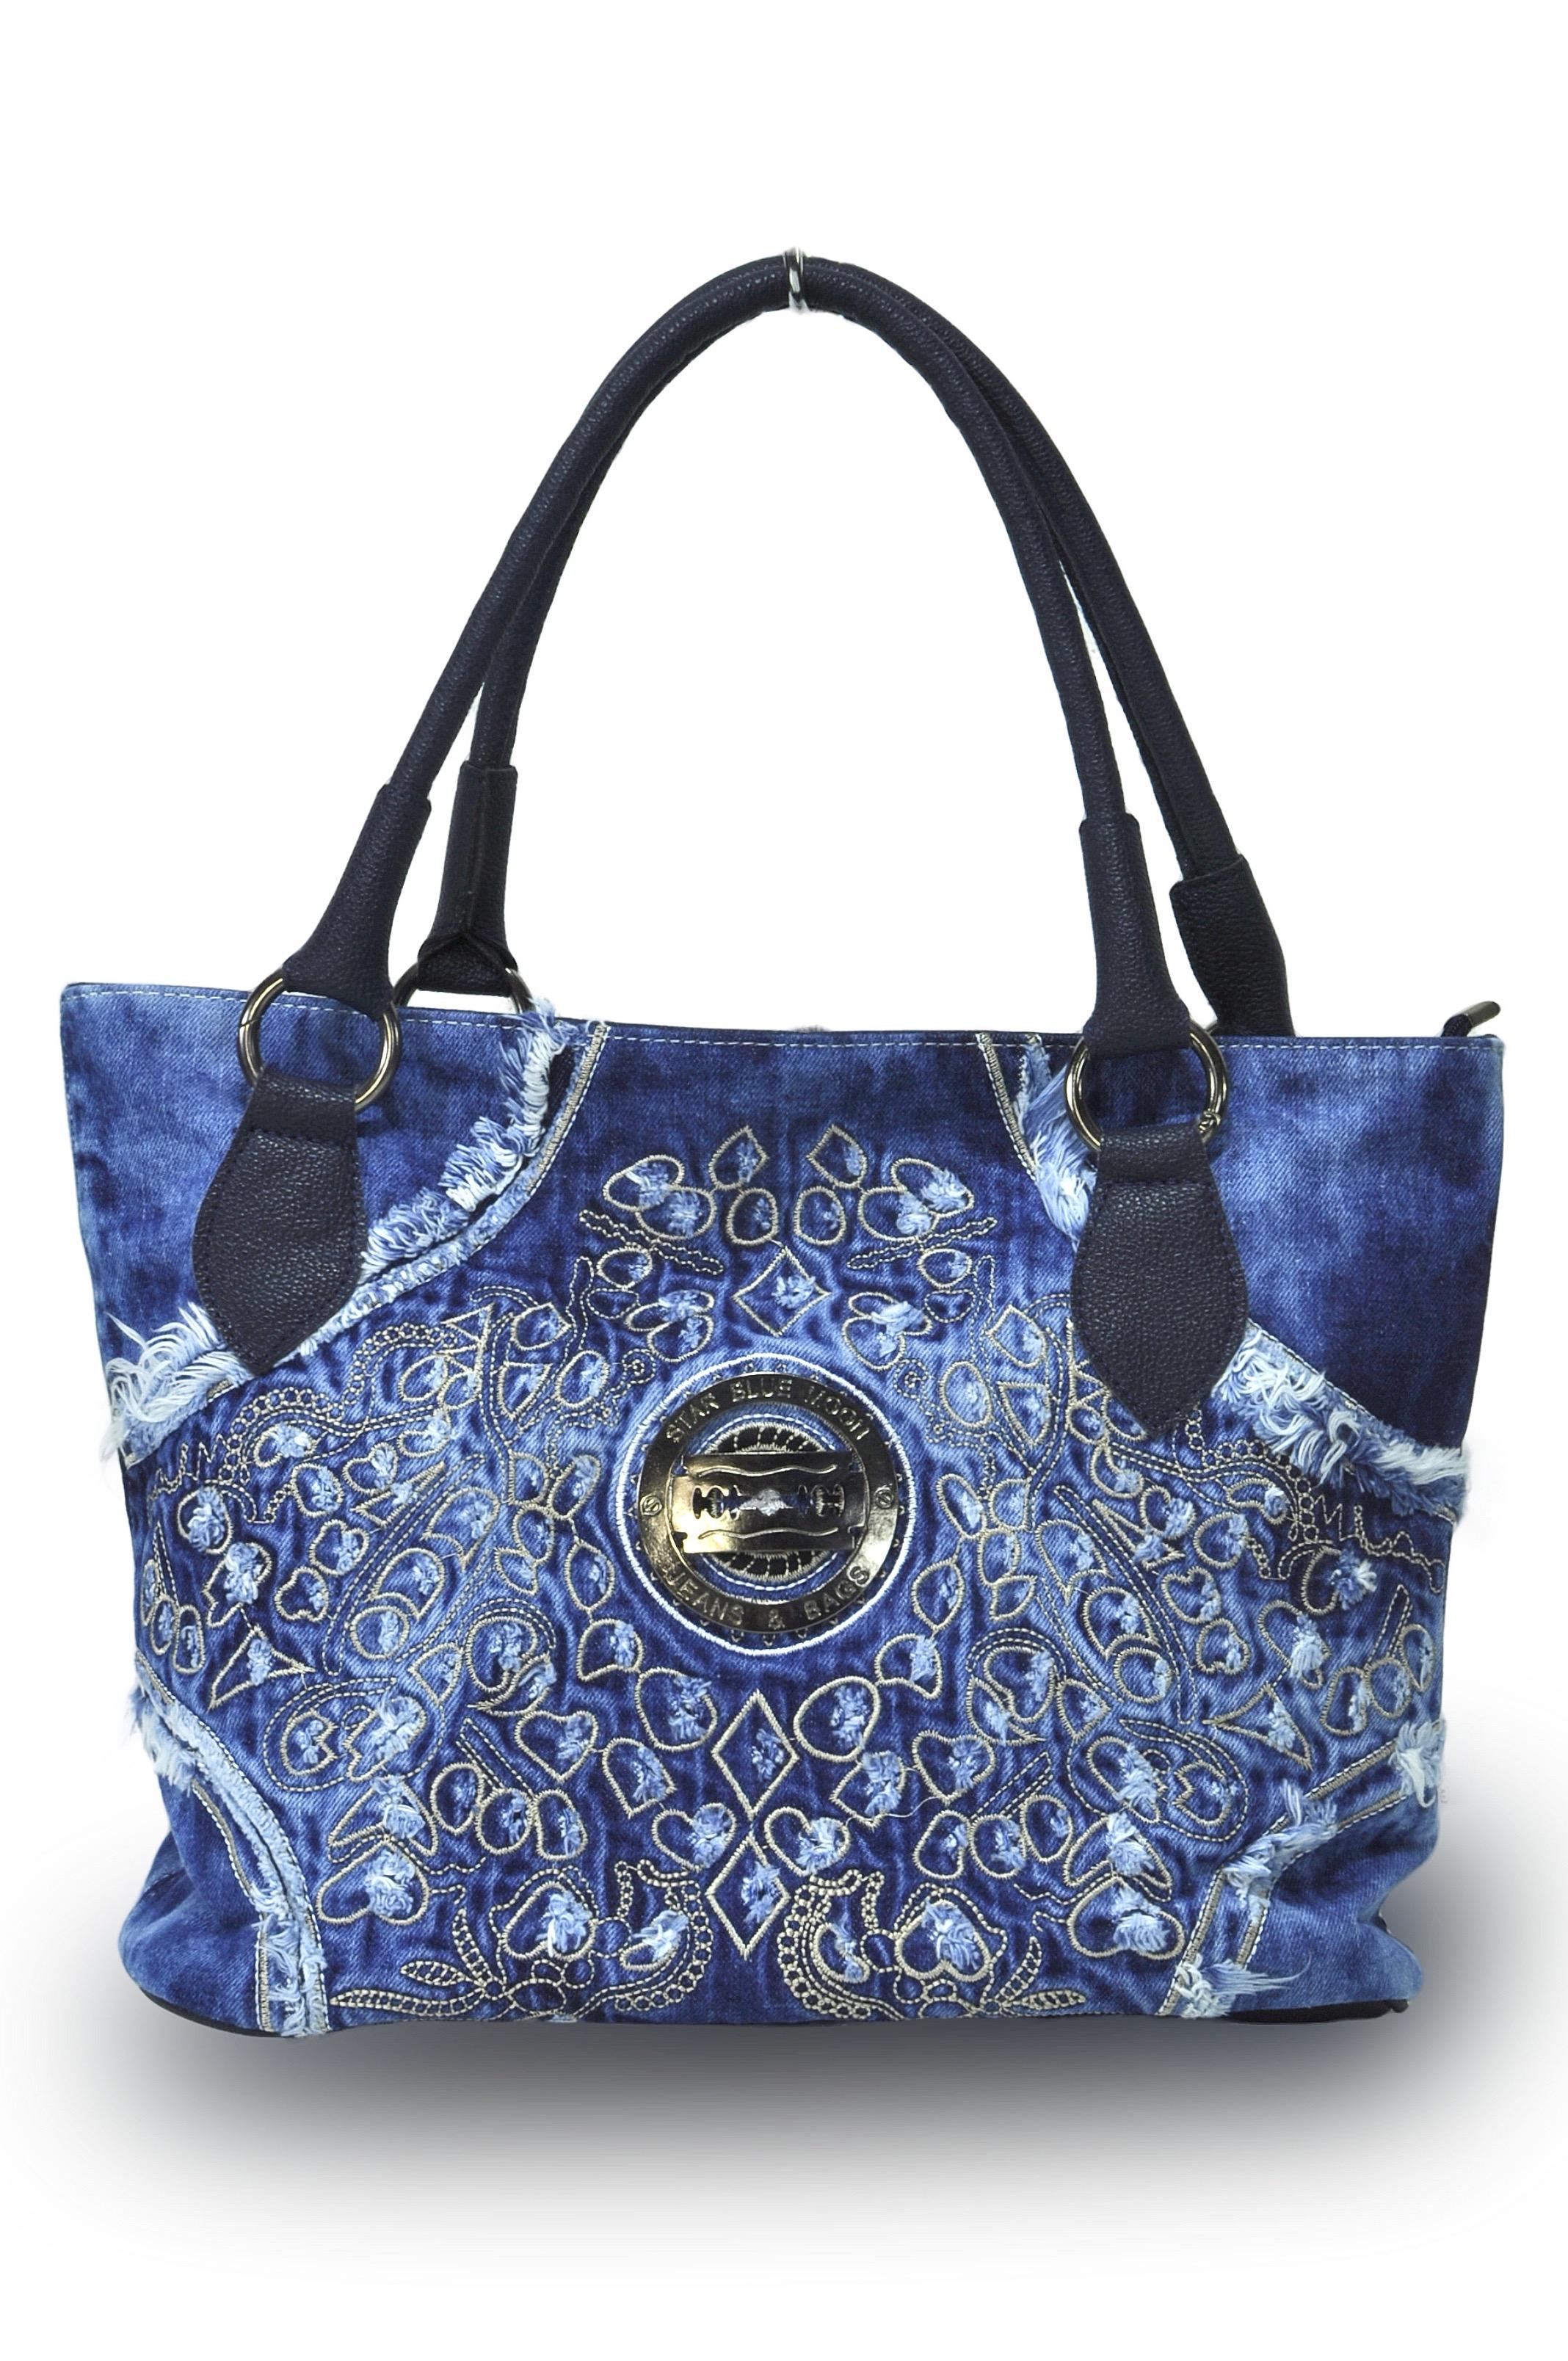 10489b6a9d Luxusní riflová kabelka MUENTES